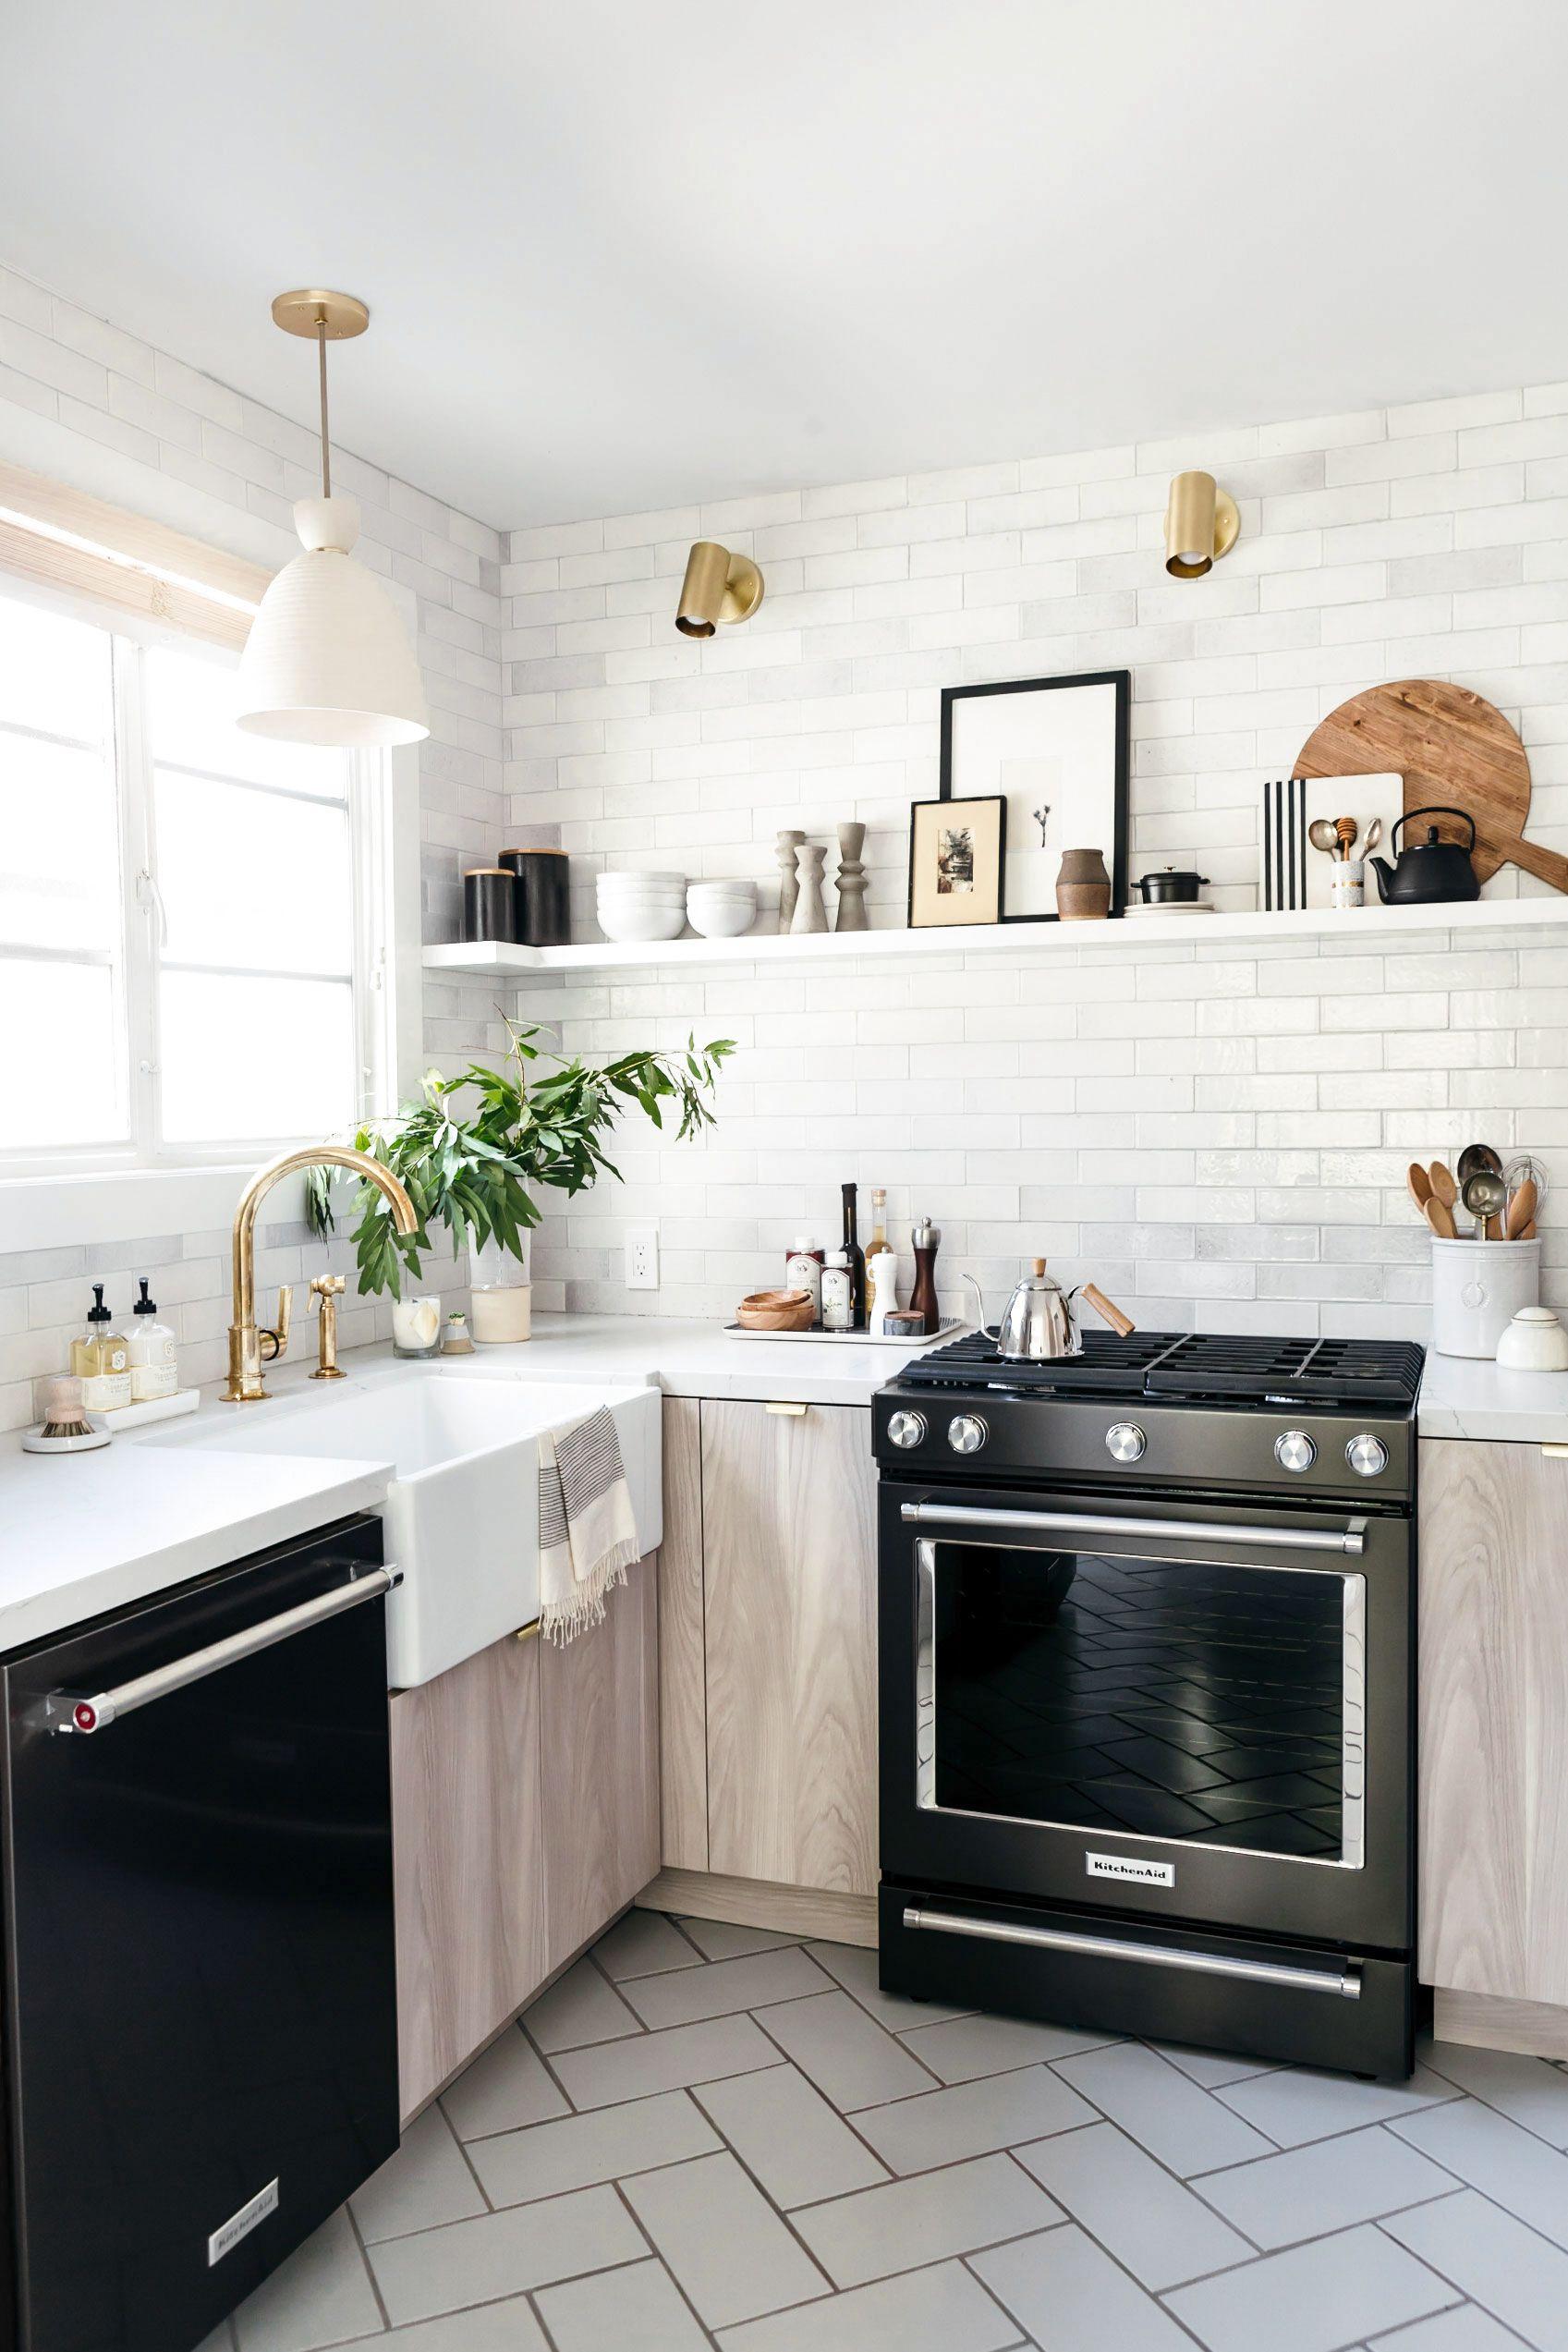 20 Clever IKEA Kitchen Design Ideas